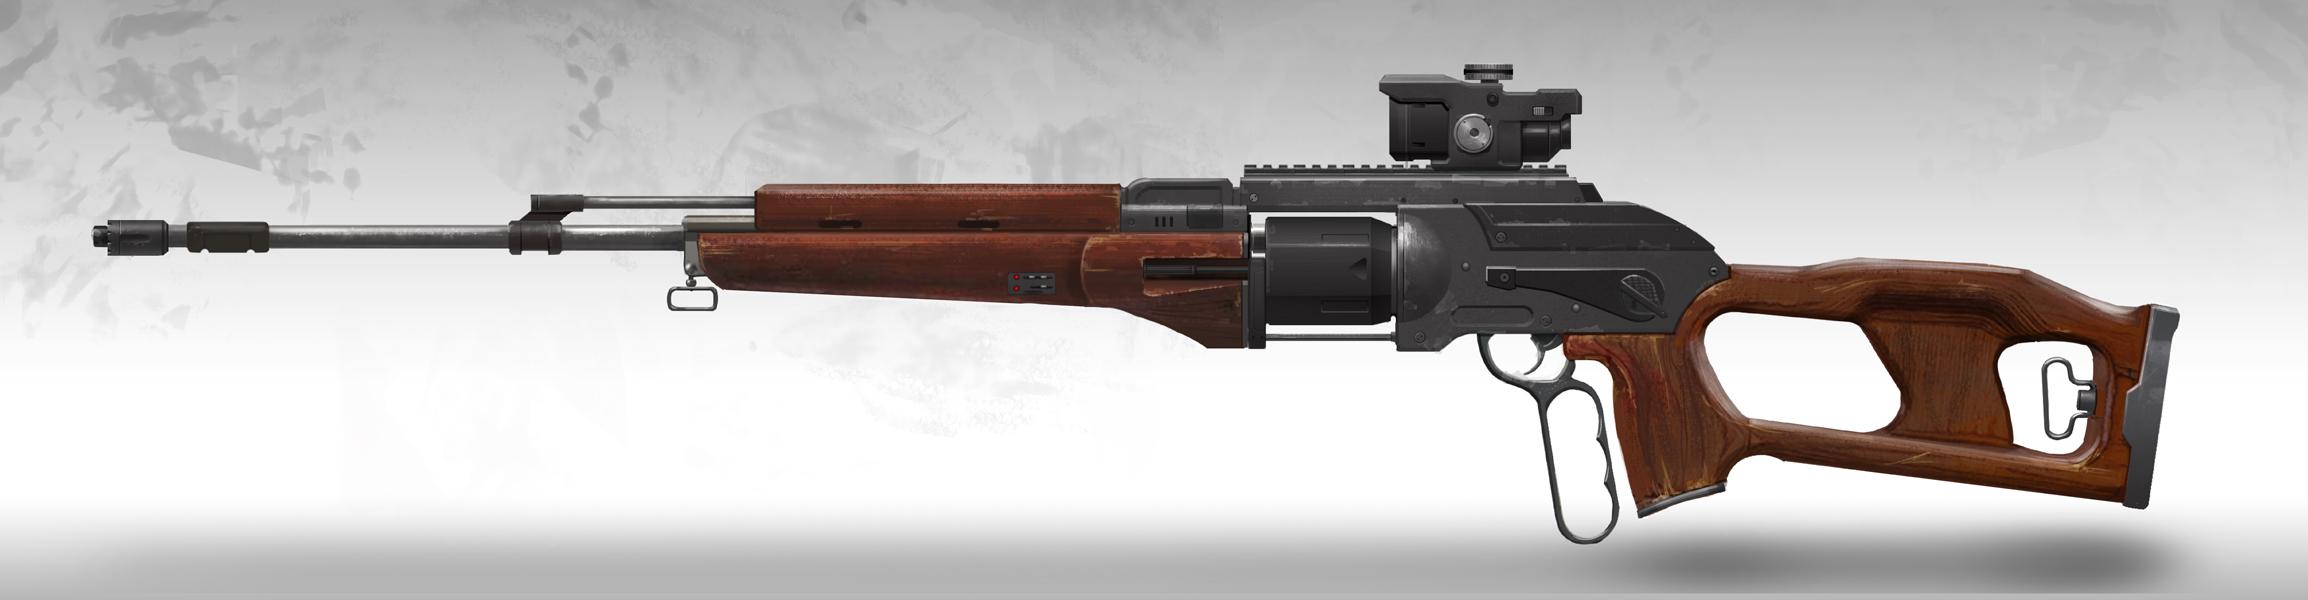 trigger_man_Sniper01.jpg